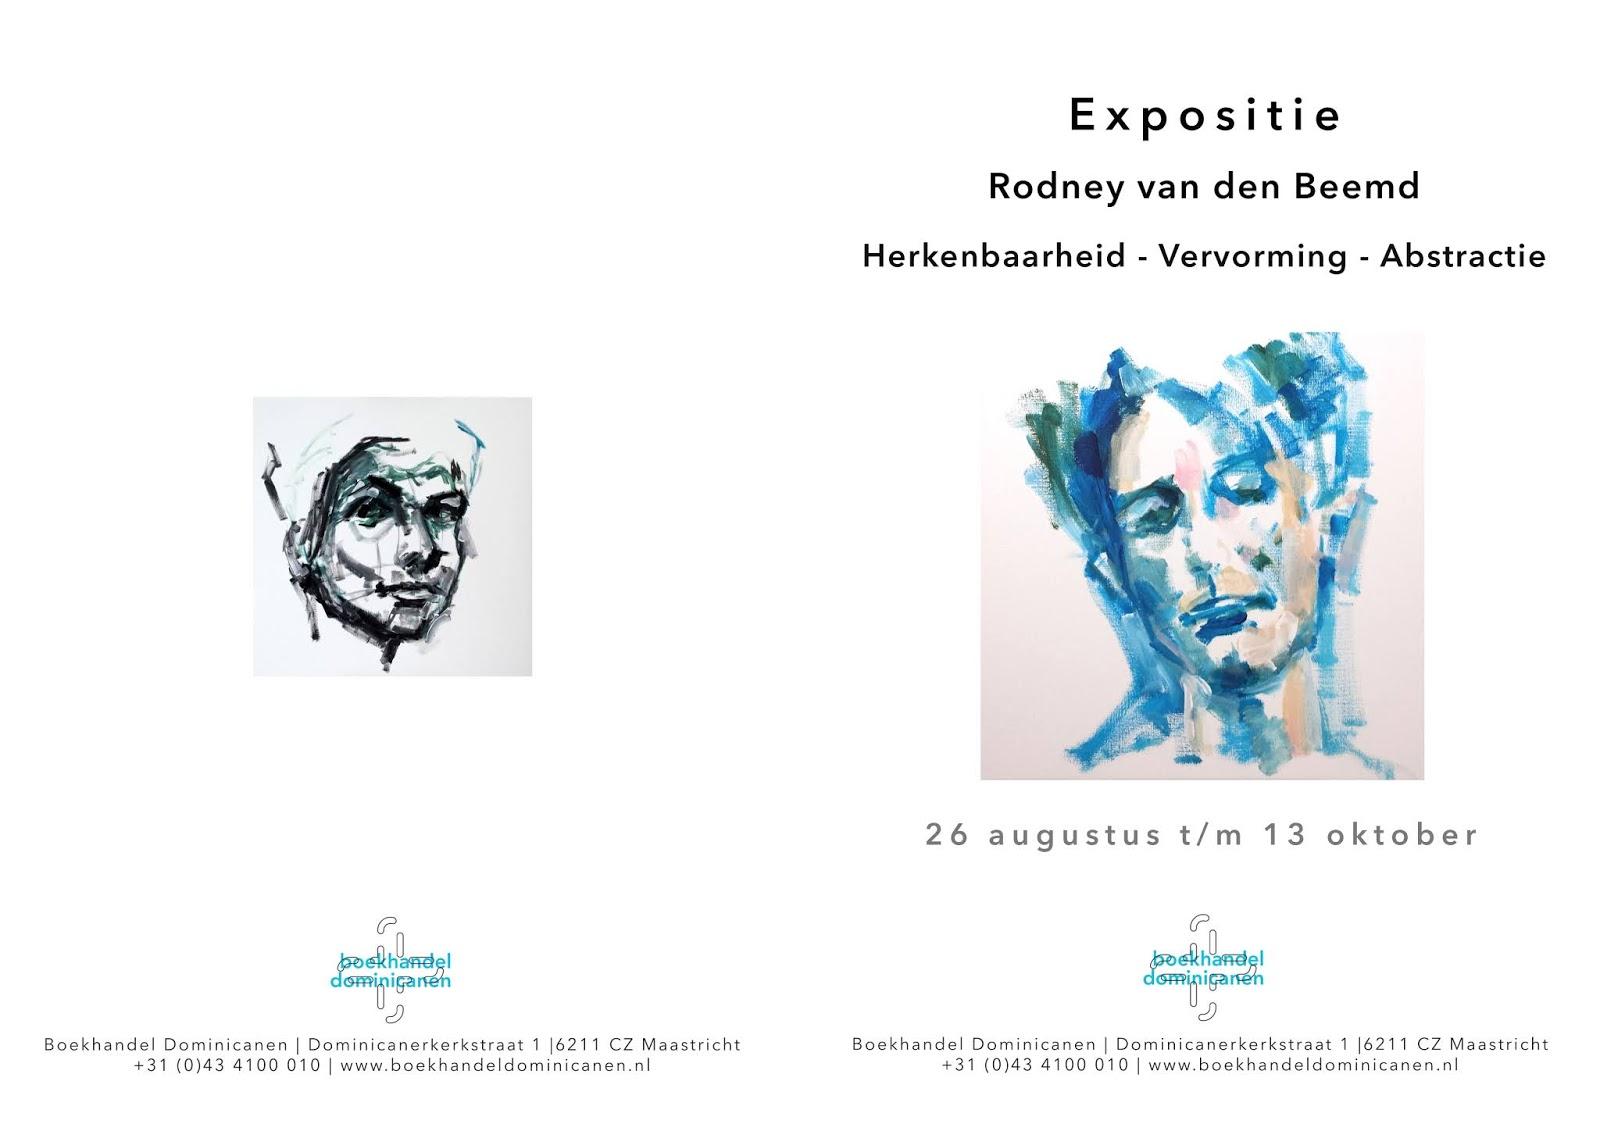 Exhibition Bookshop Dominicanen Rodney van den Beemd